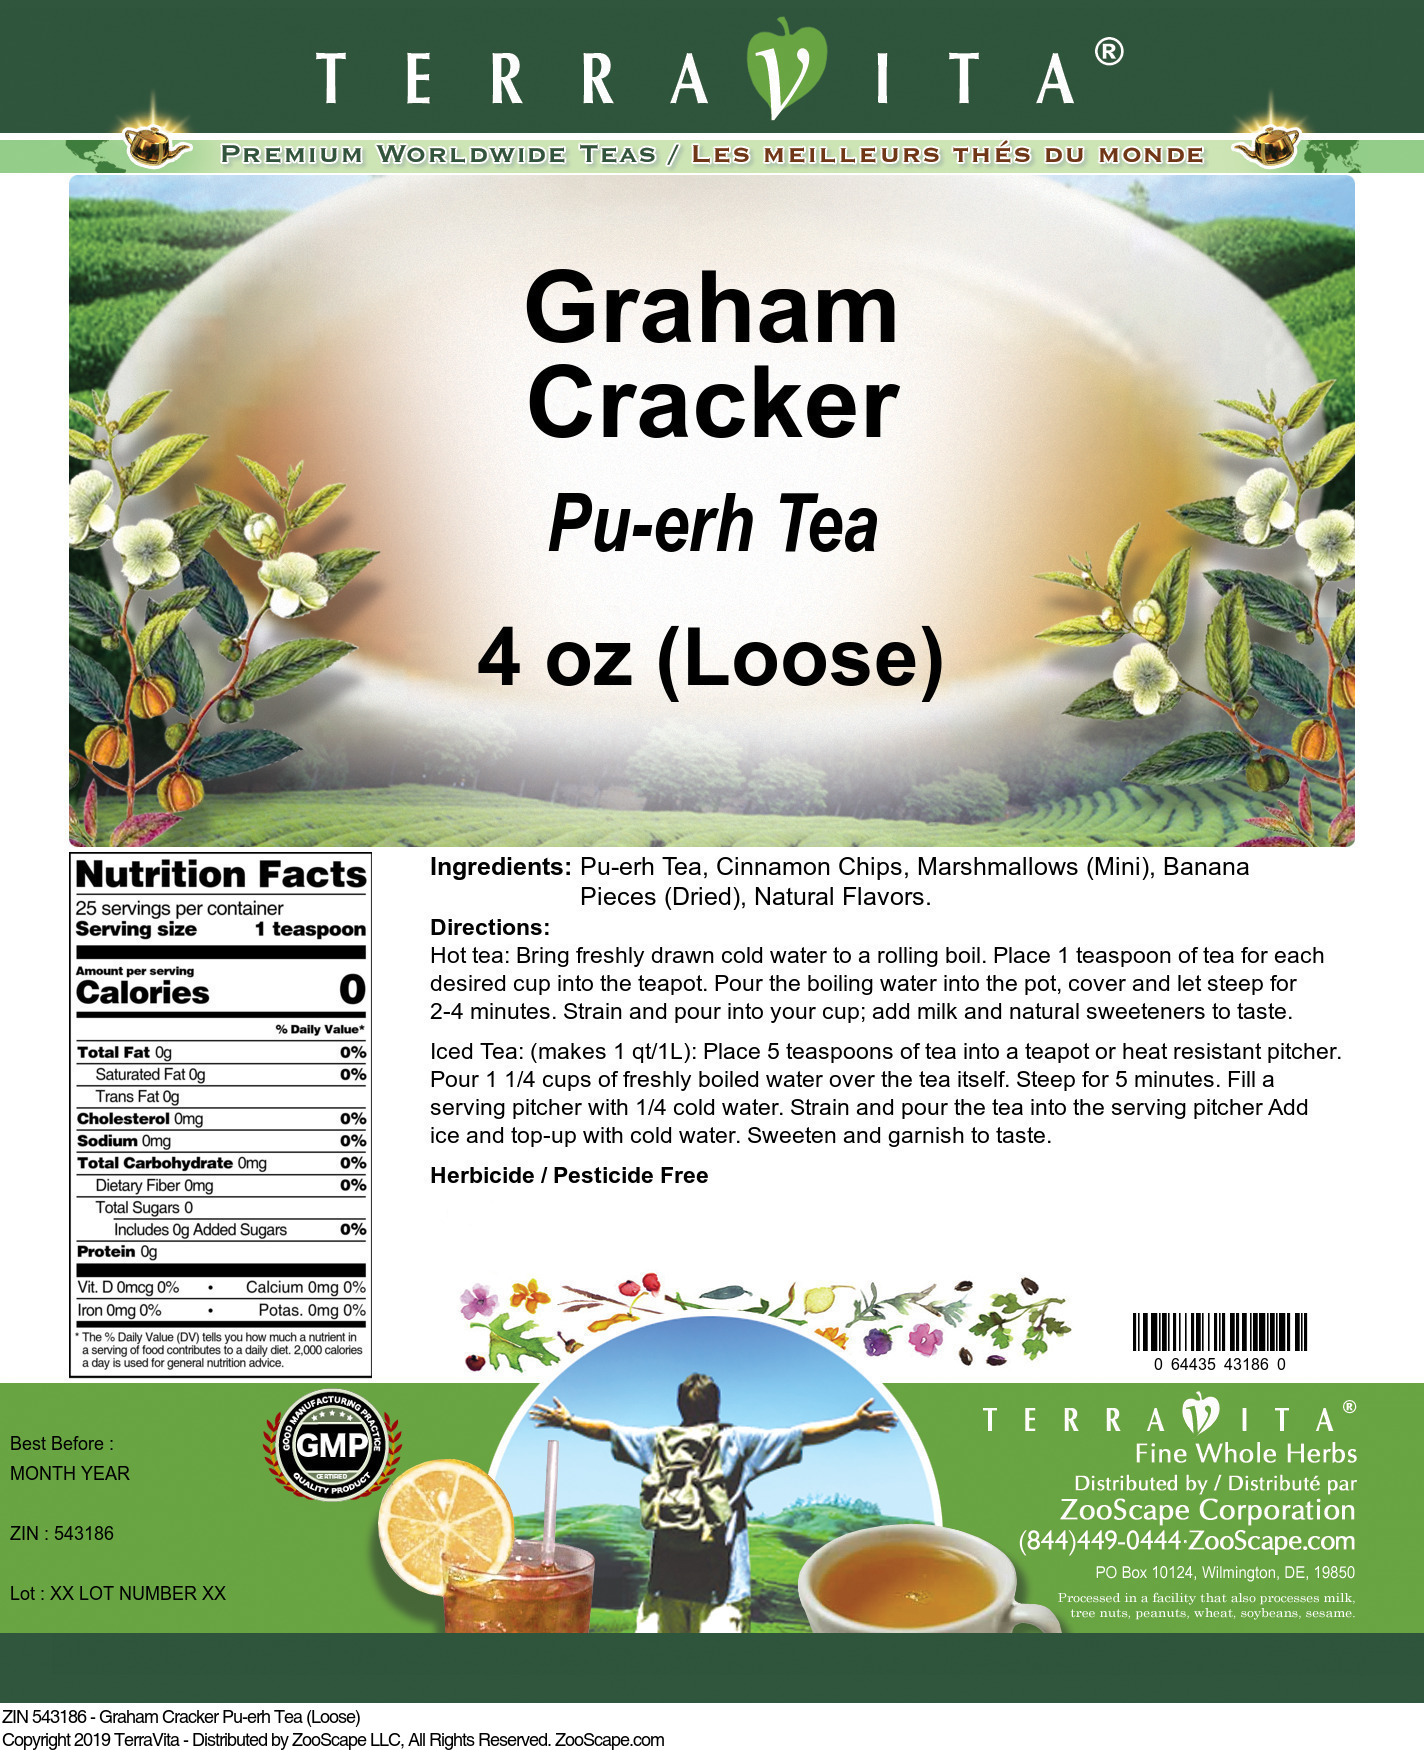 Graham Cracker Pu-erh Tea